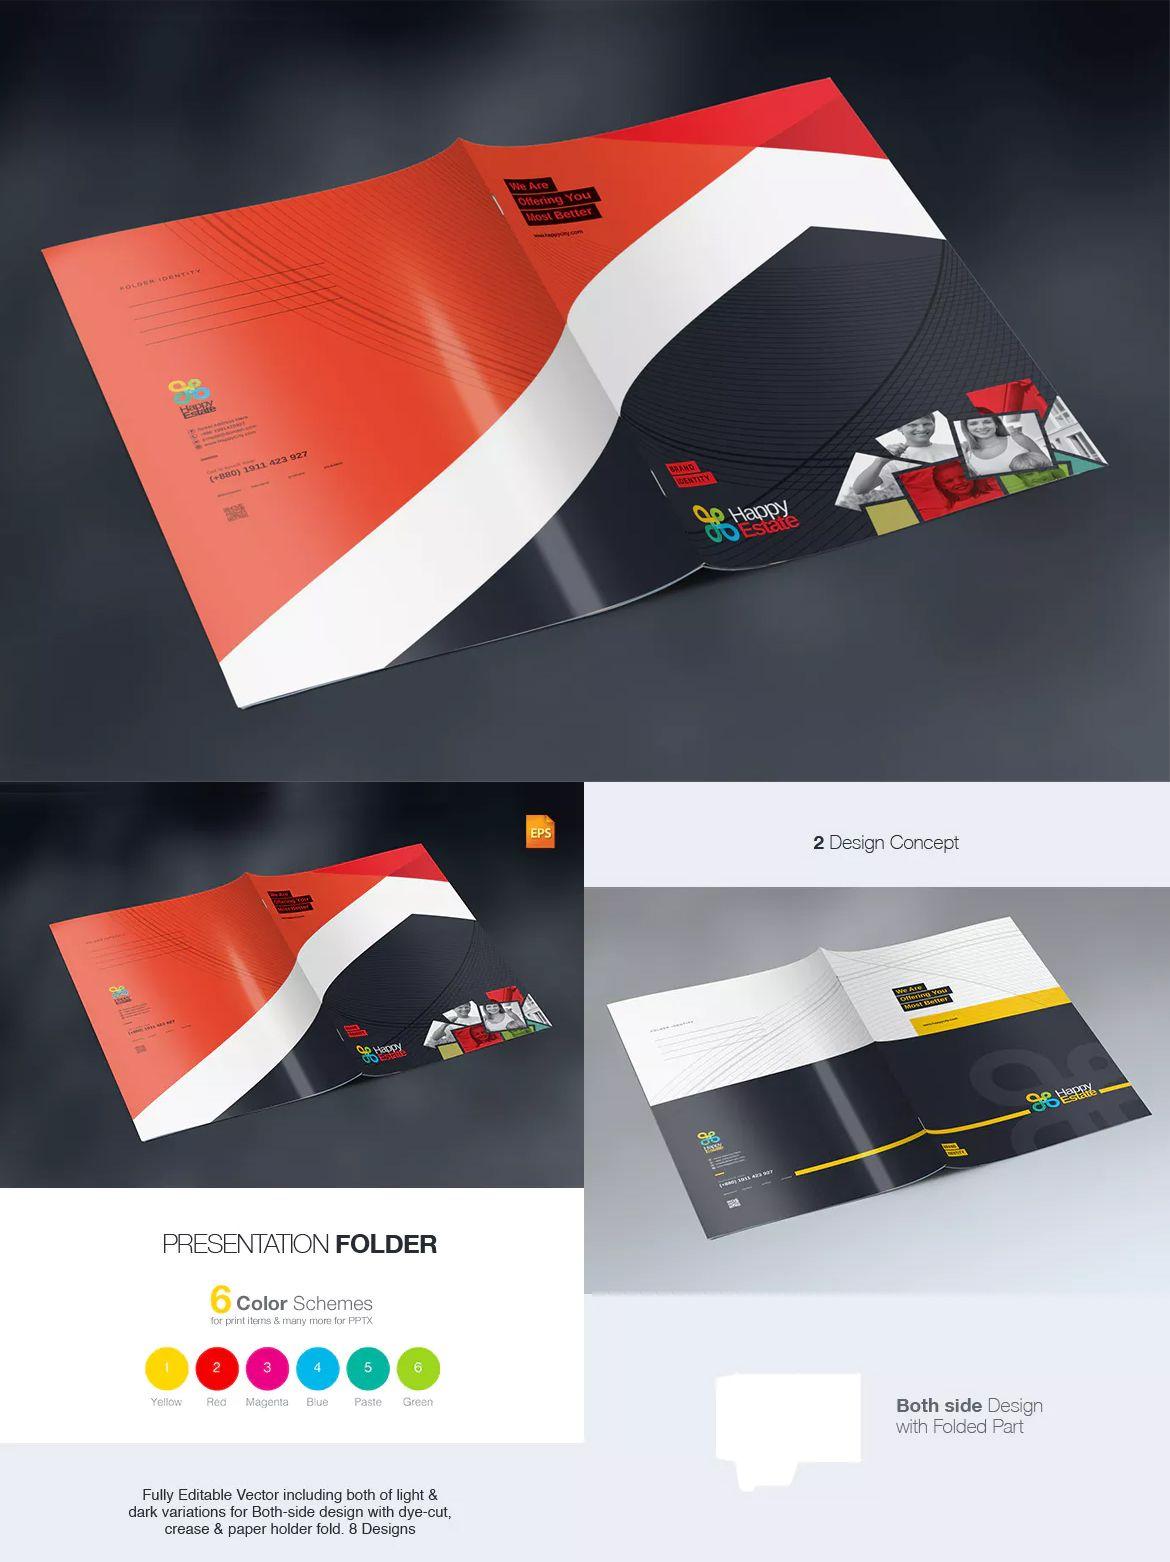 Multipurpose Presentation Folder Template EPS